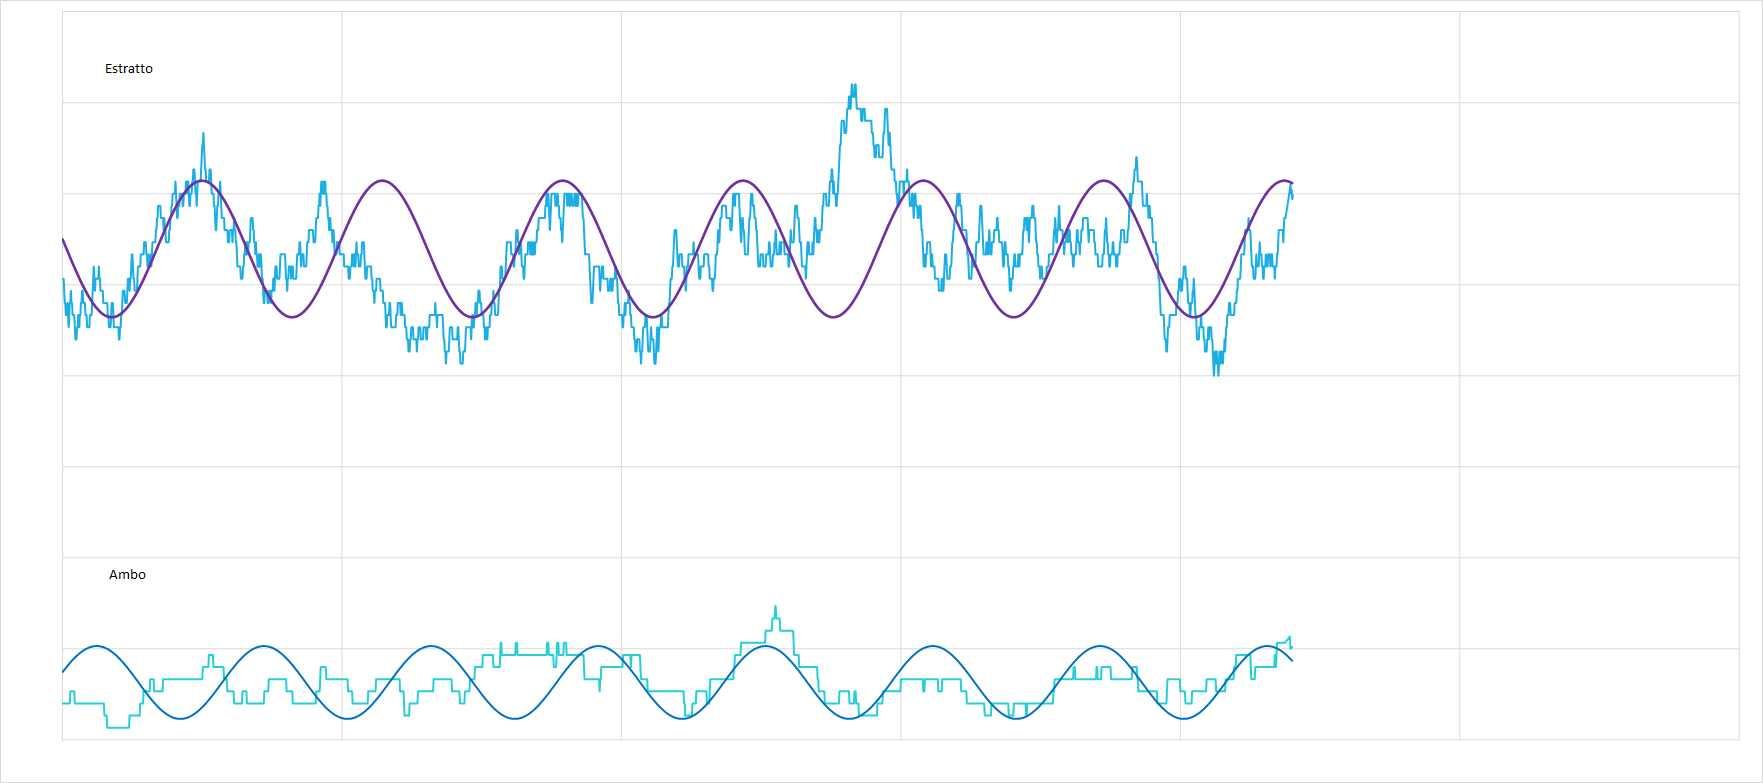 Ipotetico andamento sinusoidale interpolante per le medie dell'estratto e dell'ambo - Aggiornato all'estrazione precedente il 8 Aprile 2021